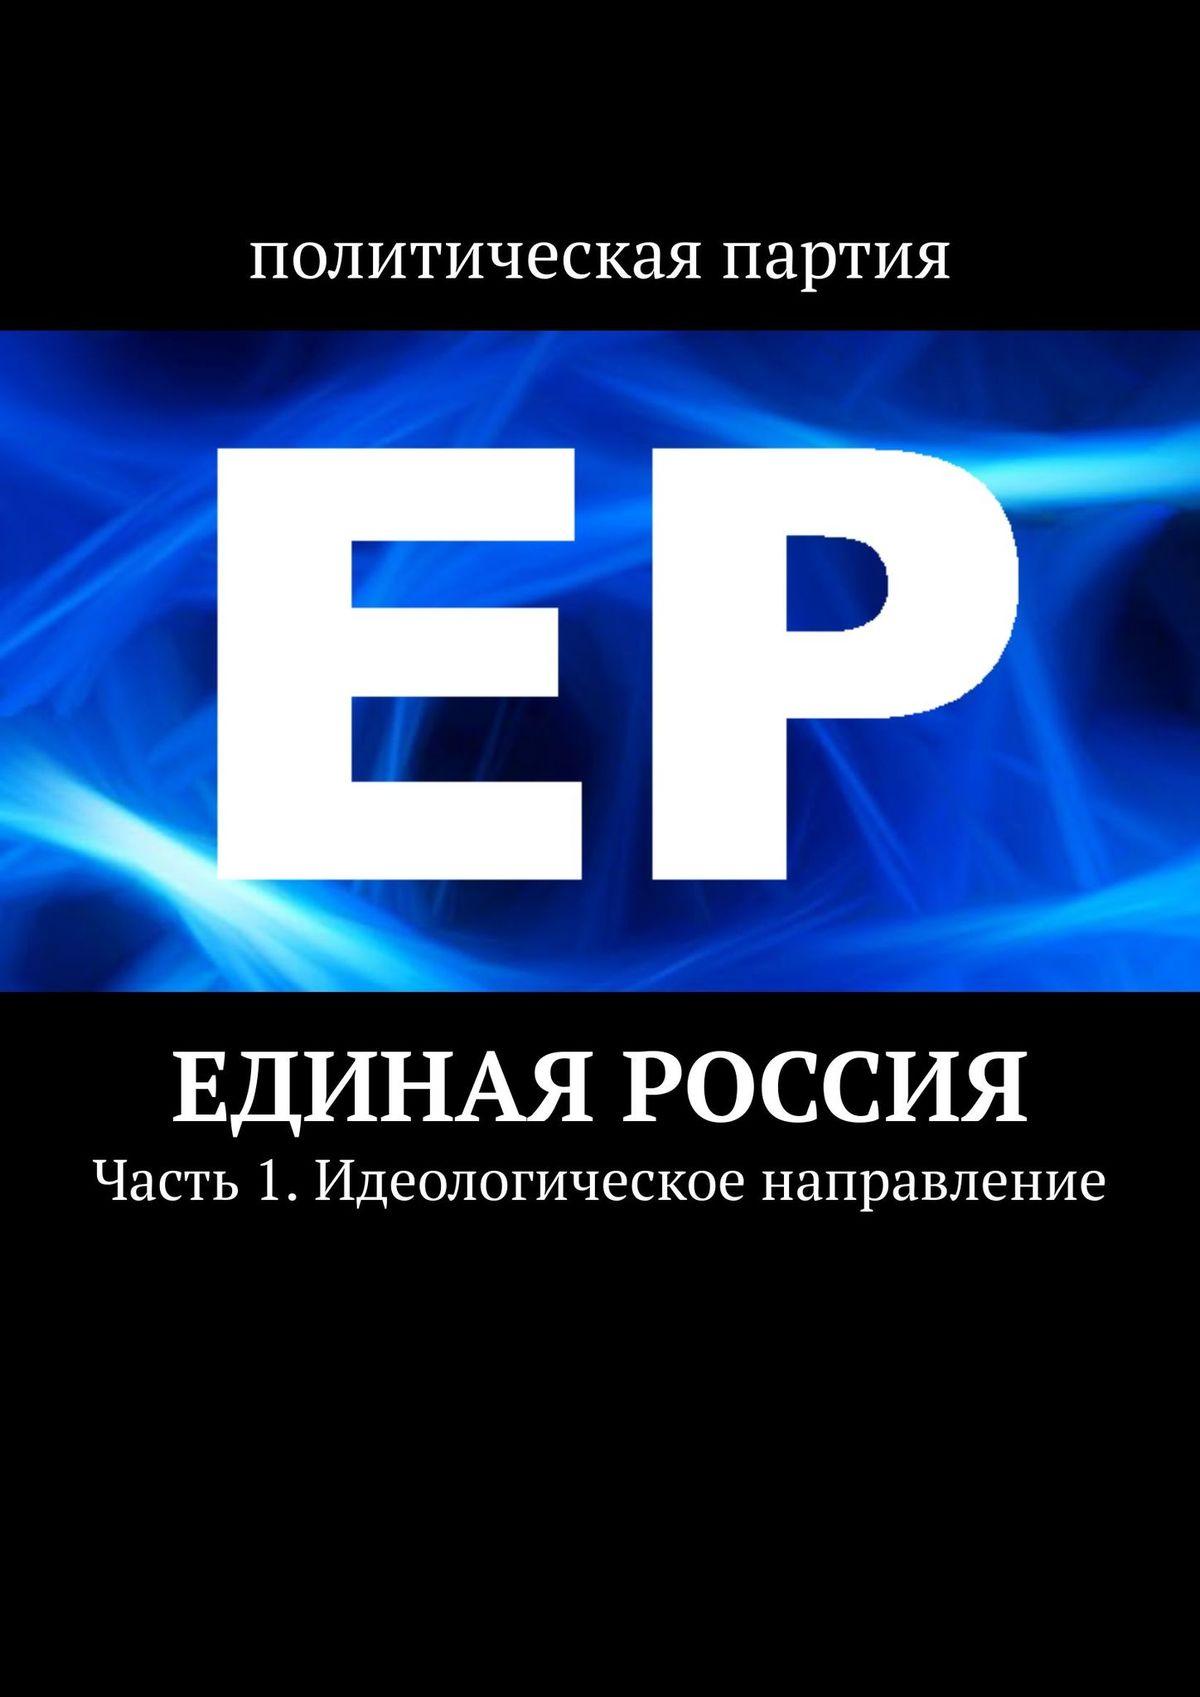 Единая Россия. Часть 1. Идеологическое направление